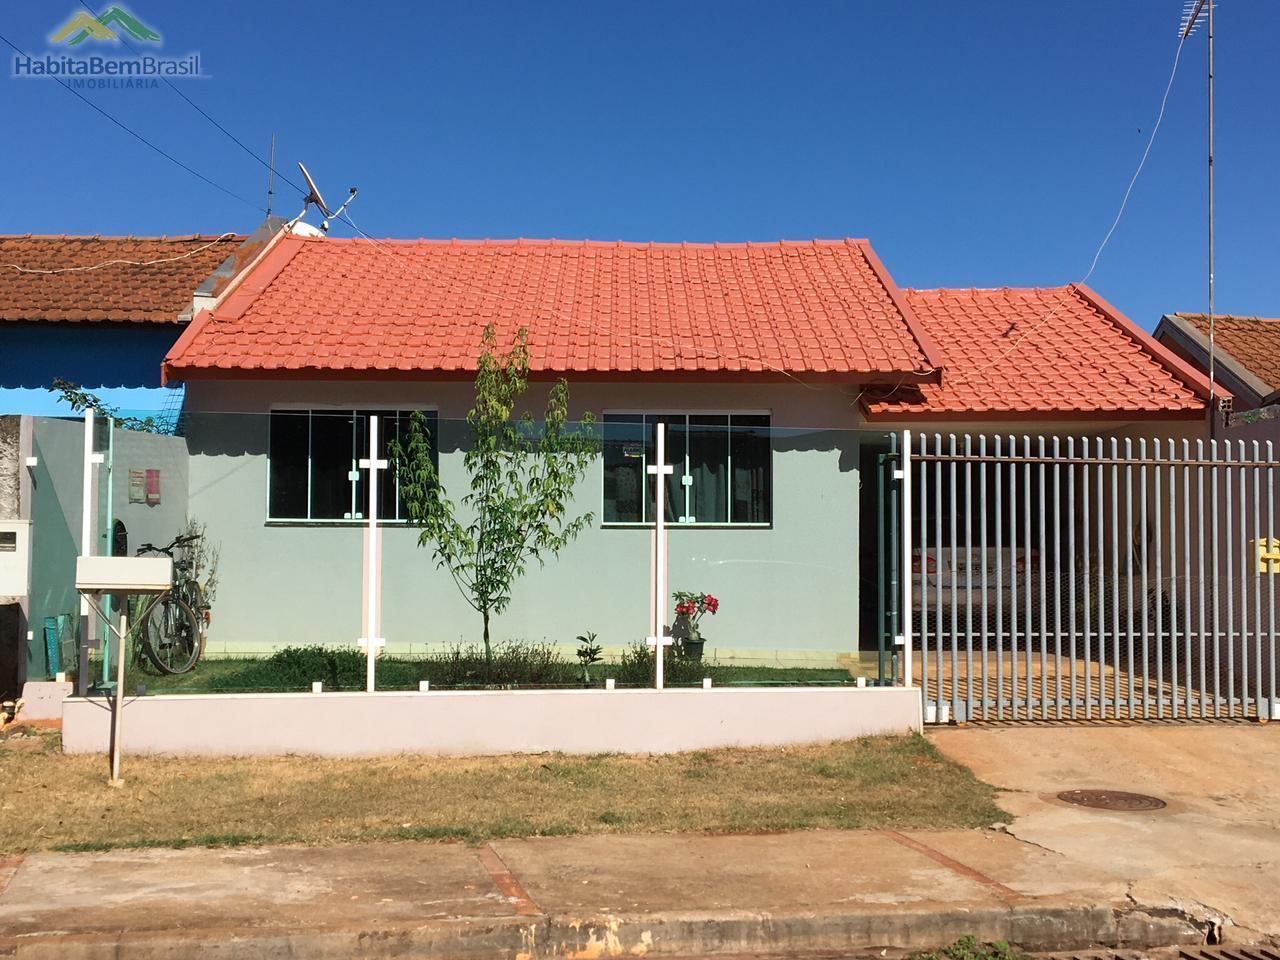 Casa com 3 dormitórios à venda, JARDIM DA MATA, TOLEDO - PR